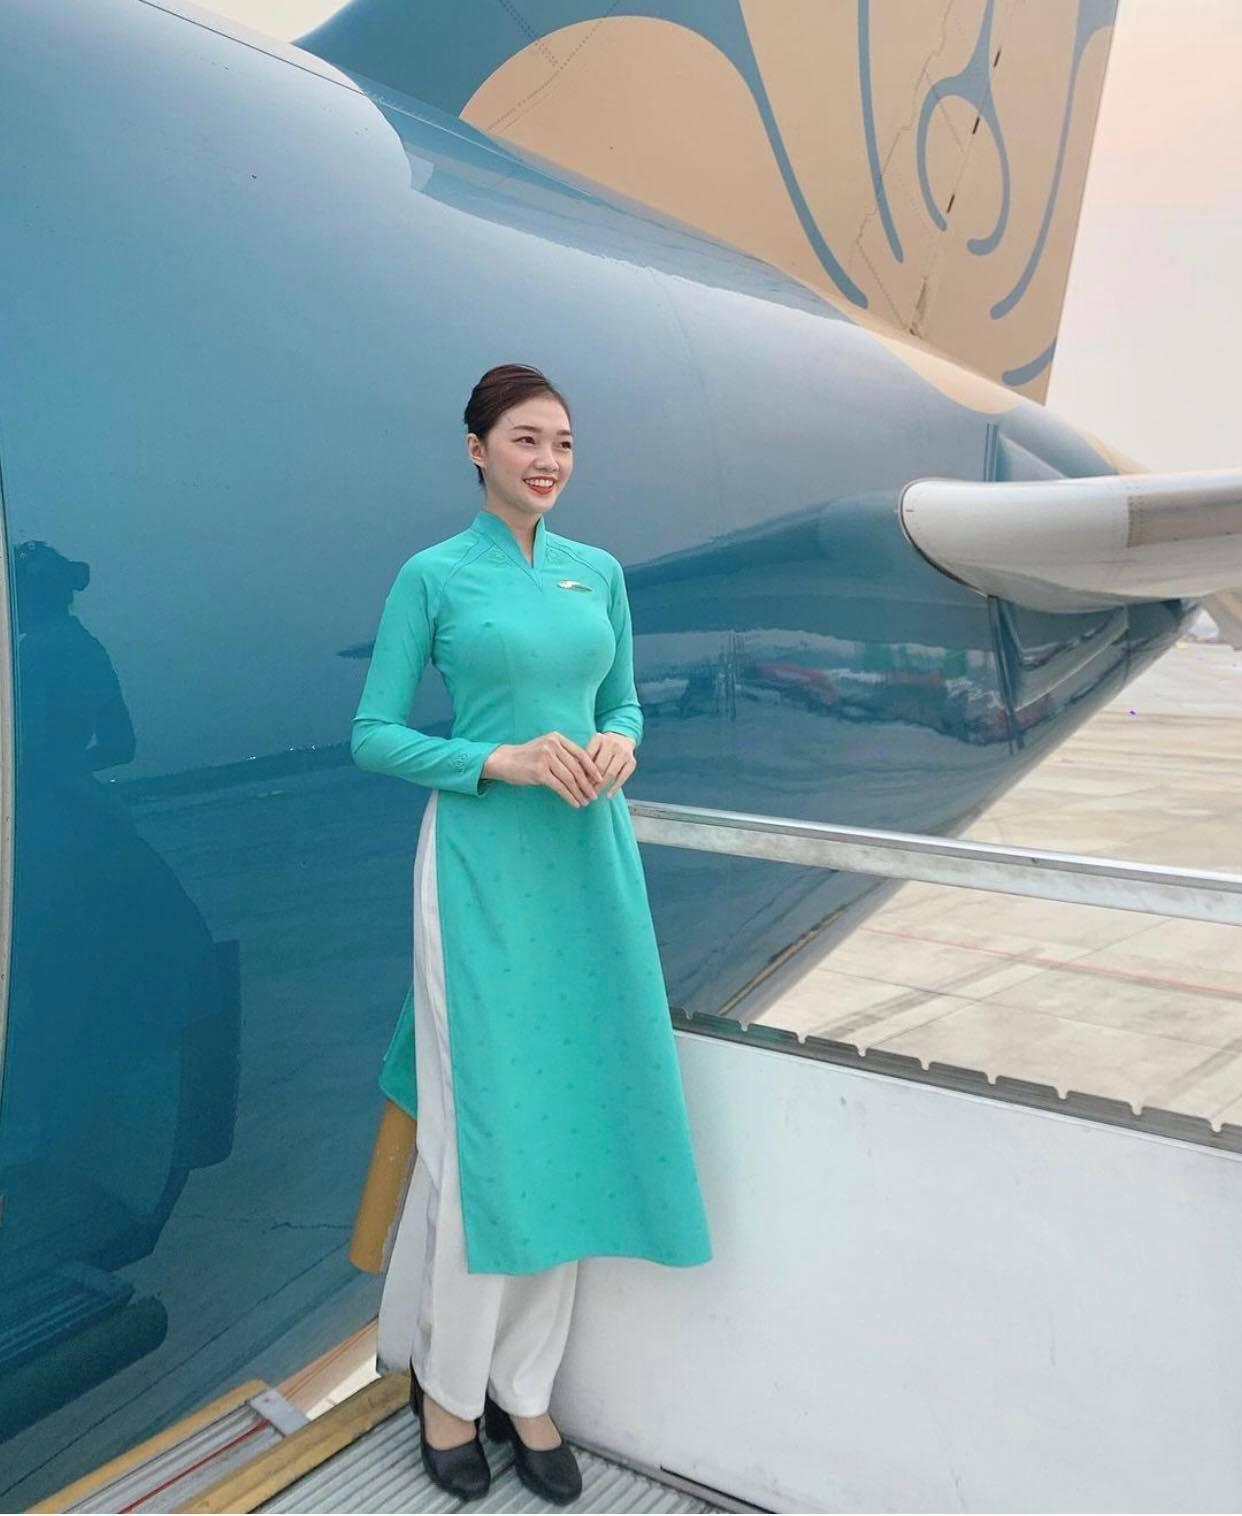 Tiếp viên khoang thương gia hãng hàng không quốc gia Việt giữ da trắng như bông bưởi - 1